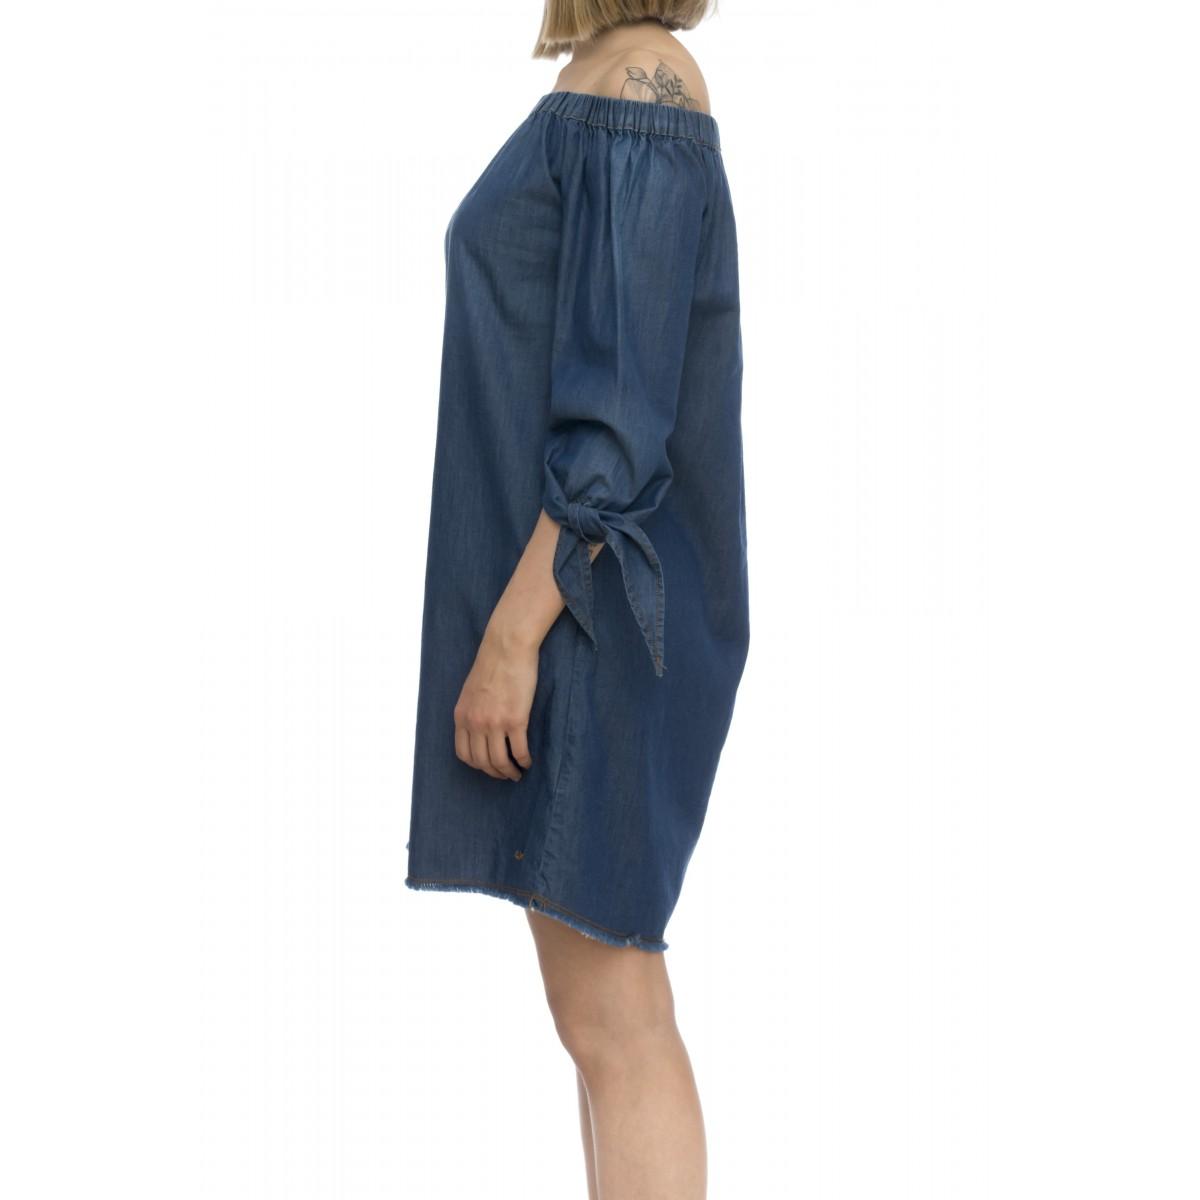 Vestito - S19205 vestito jeans